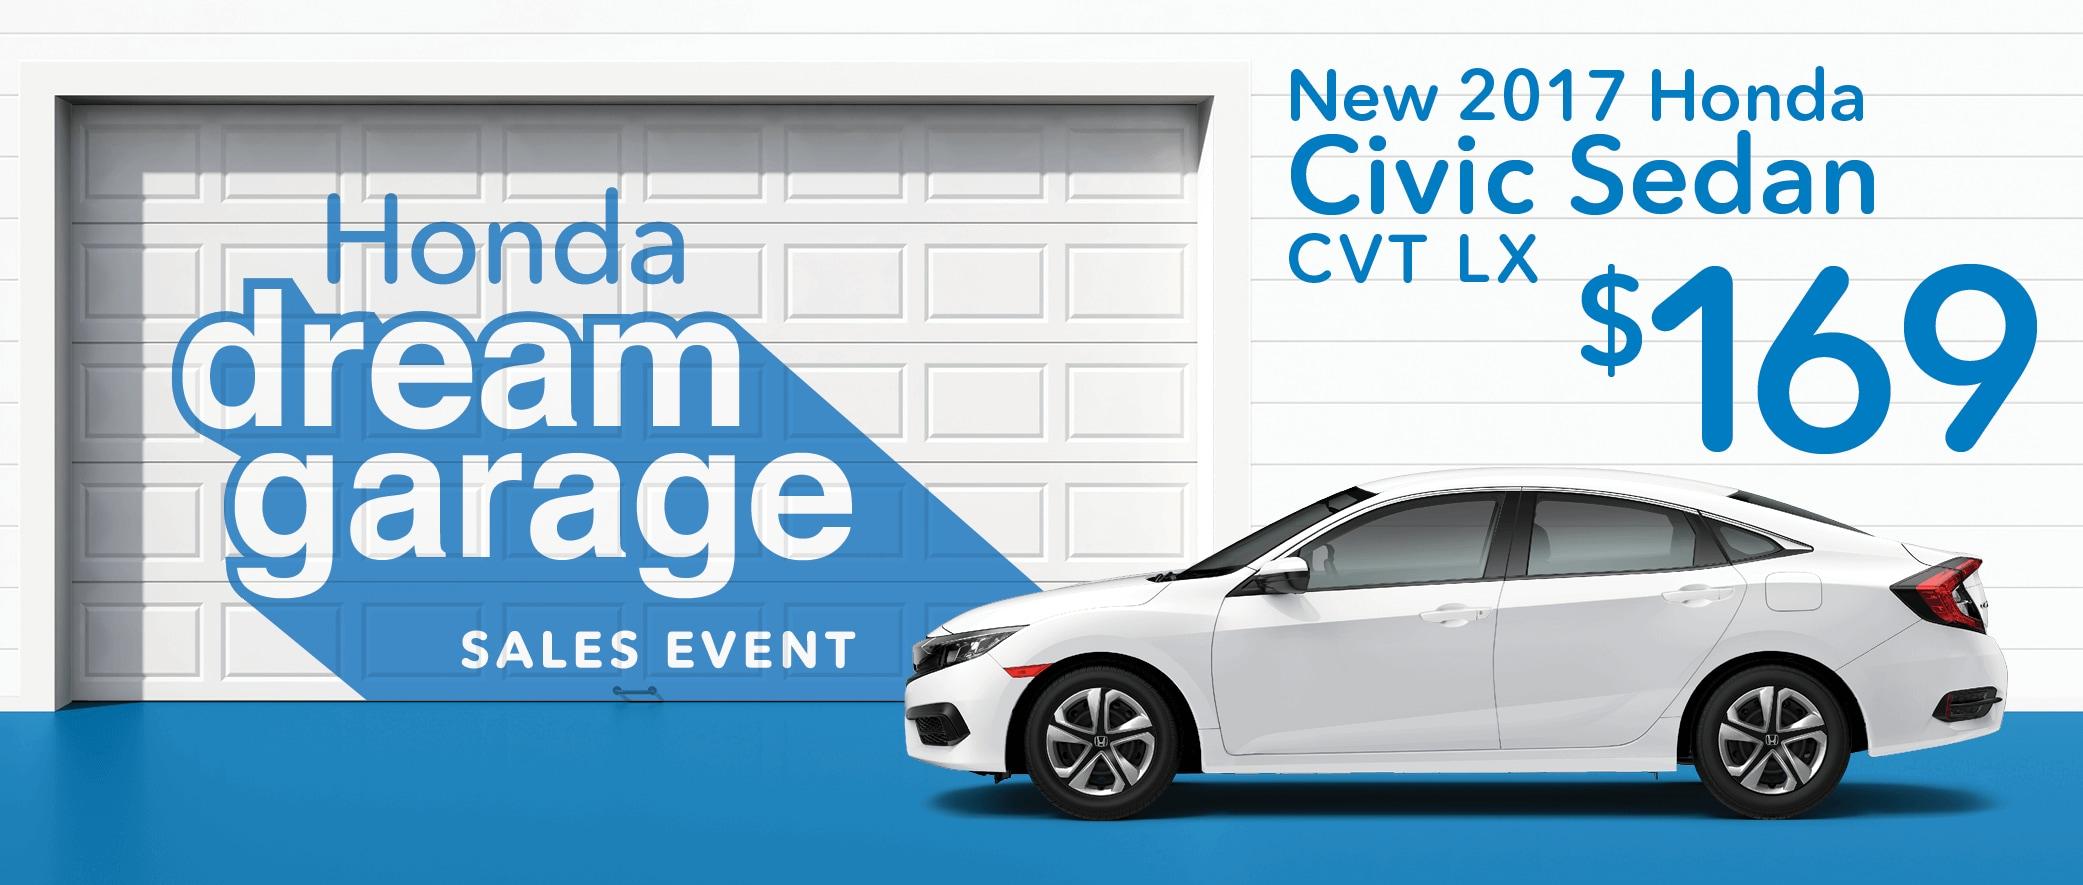 Great 2017 Honda Civic Sedan CVT LX